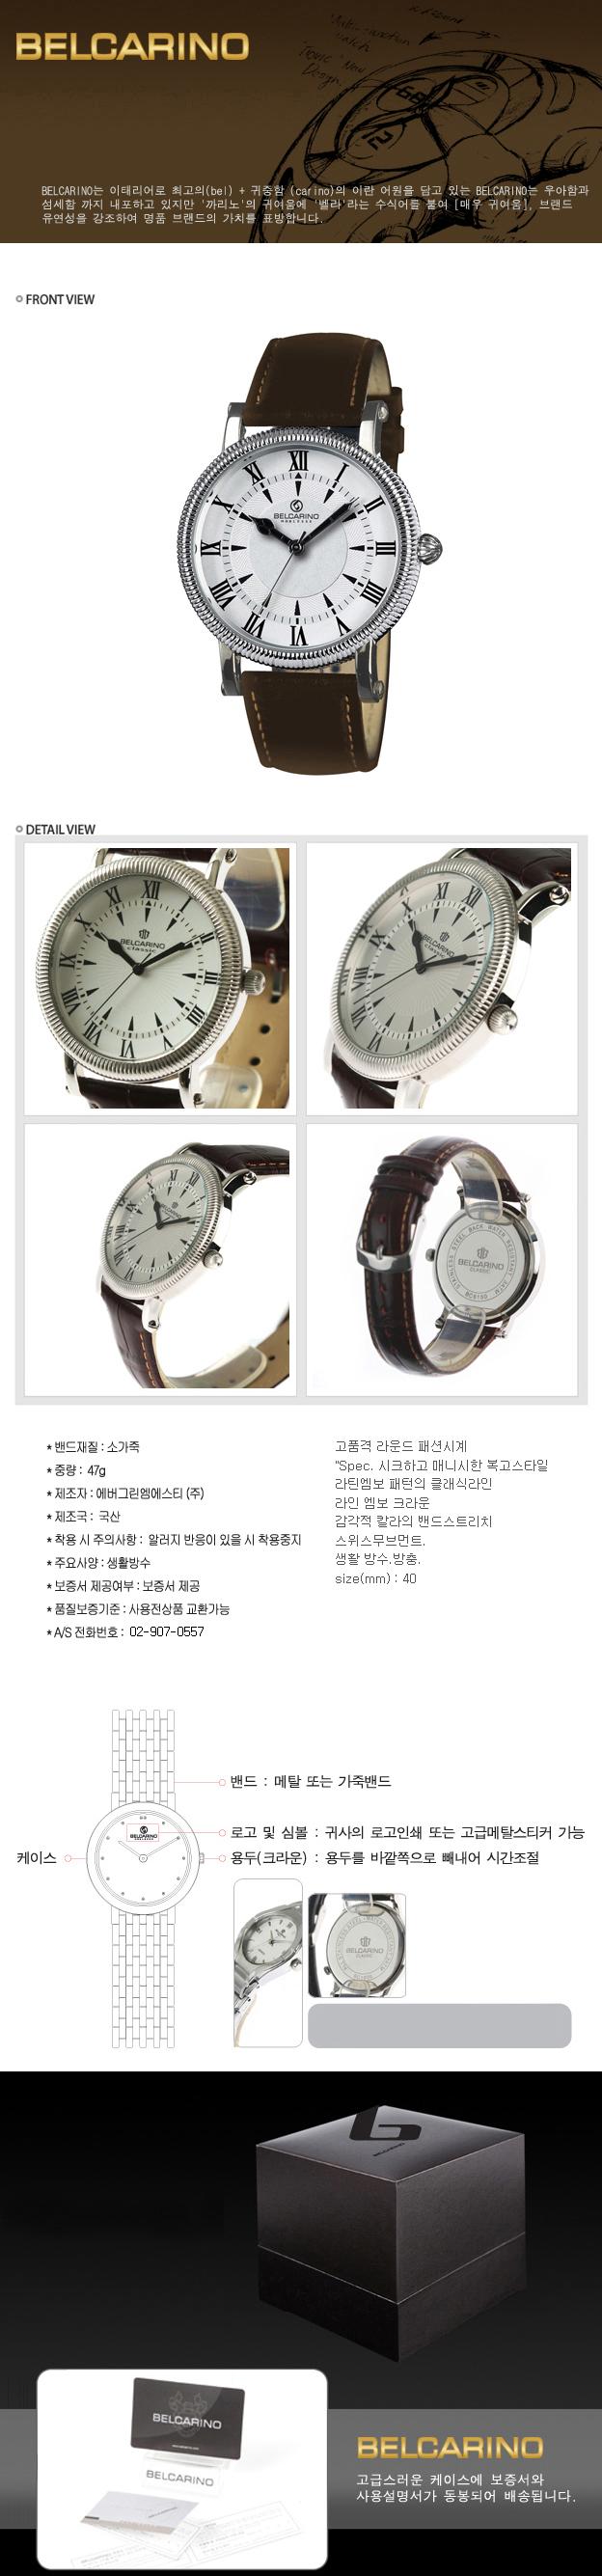 시계 남성시계 명품 디자인 손목시계 A968 - 프리버드, 63,000원, 남성시계, 가죽시계